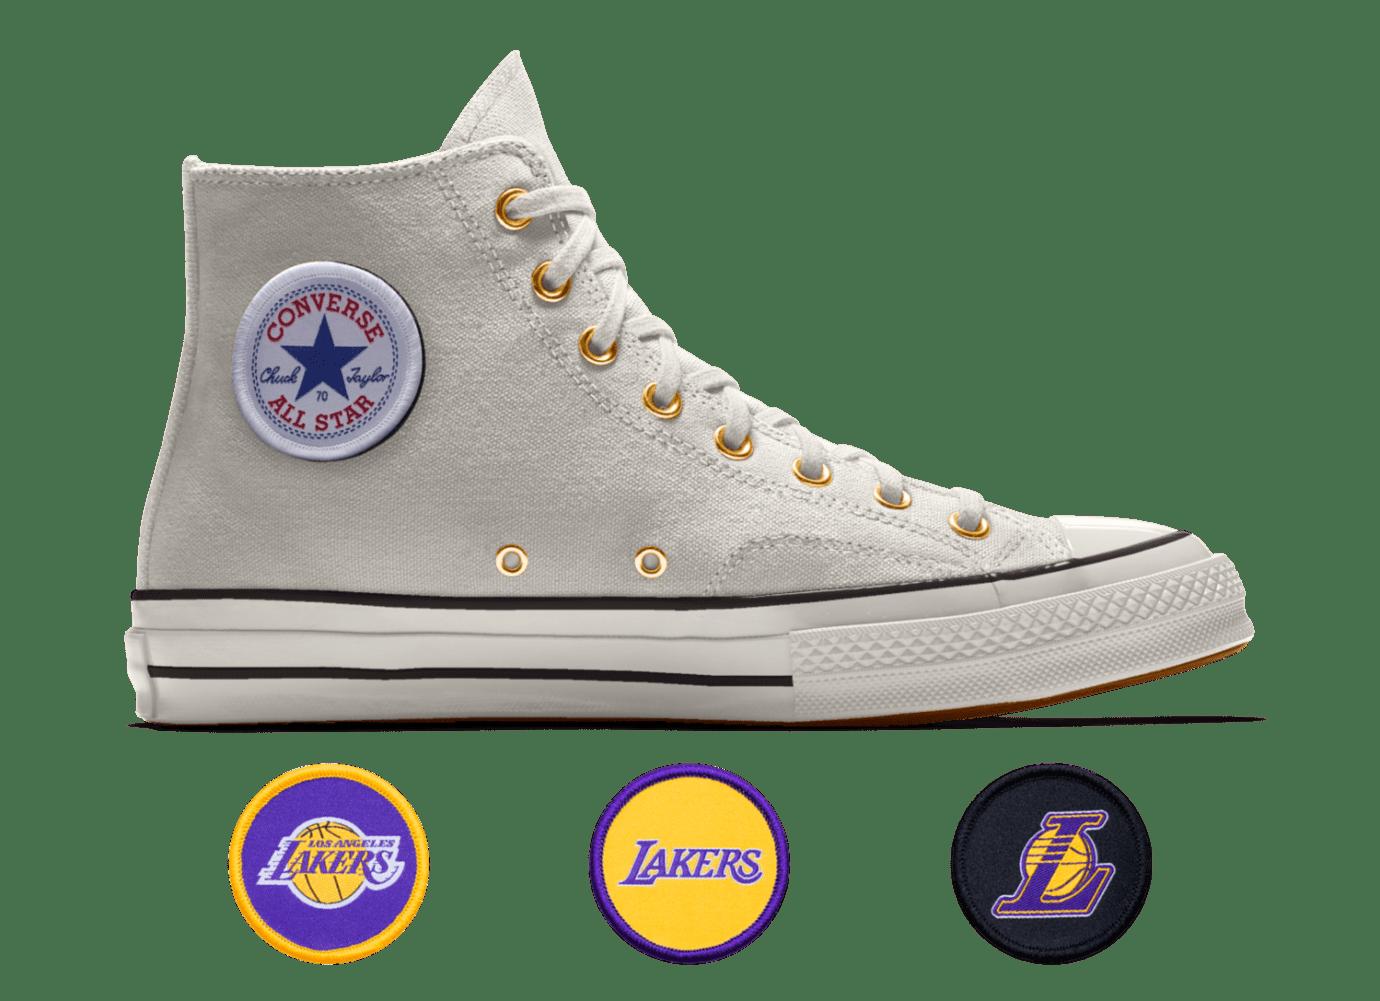 0b52e9ba68d Image via Converse Converse Custom Chuck 70 NBA Los Angeles Lakers